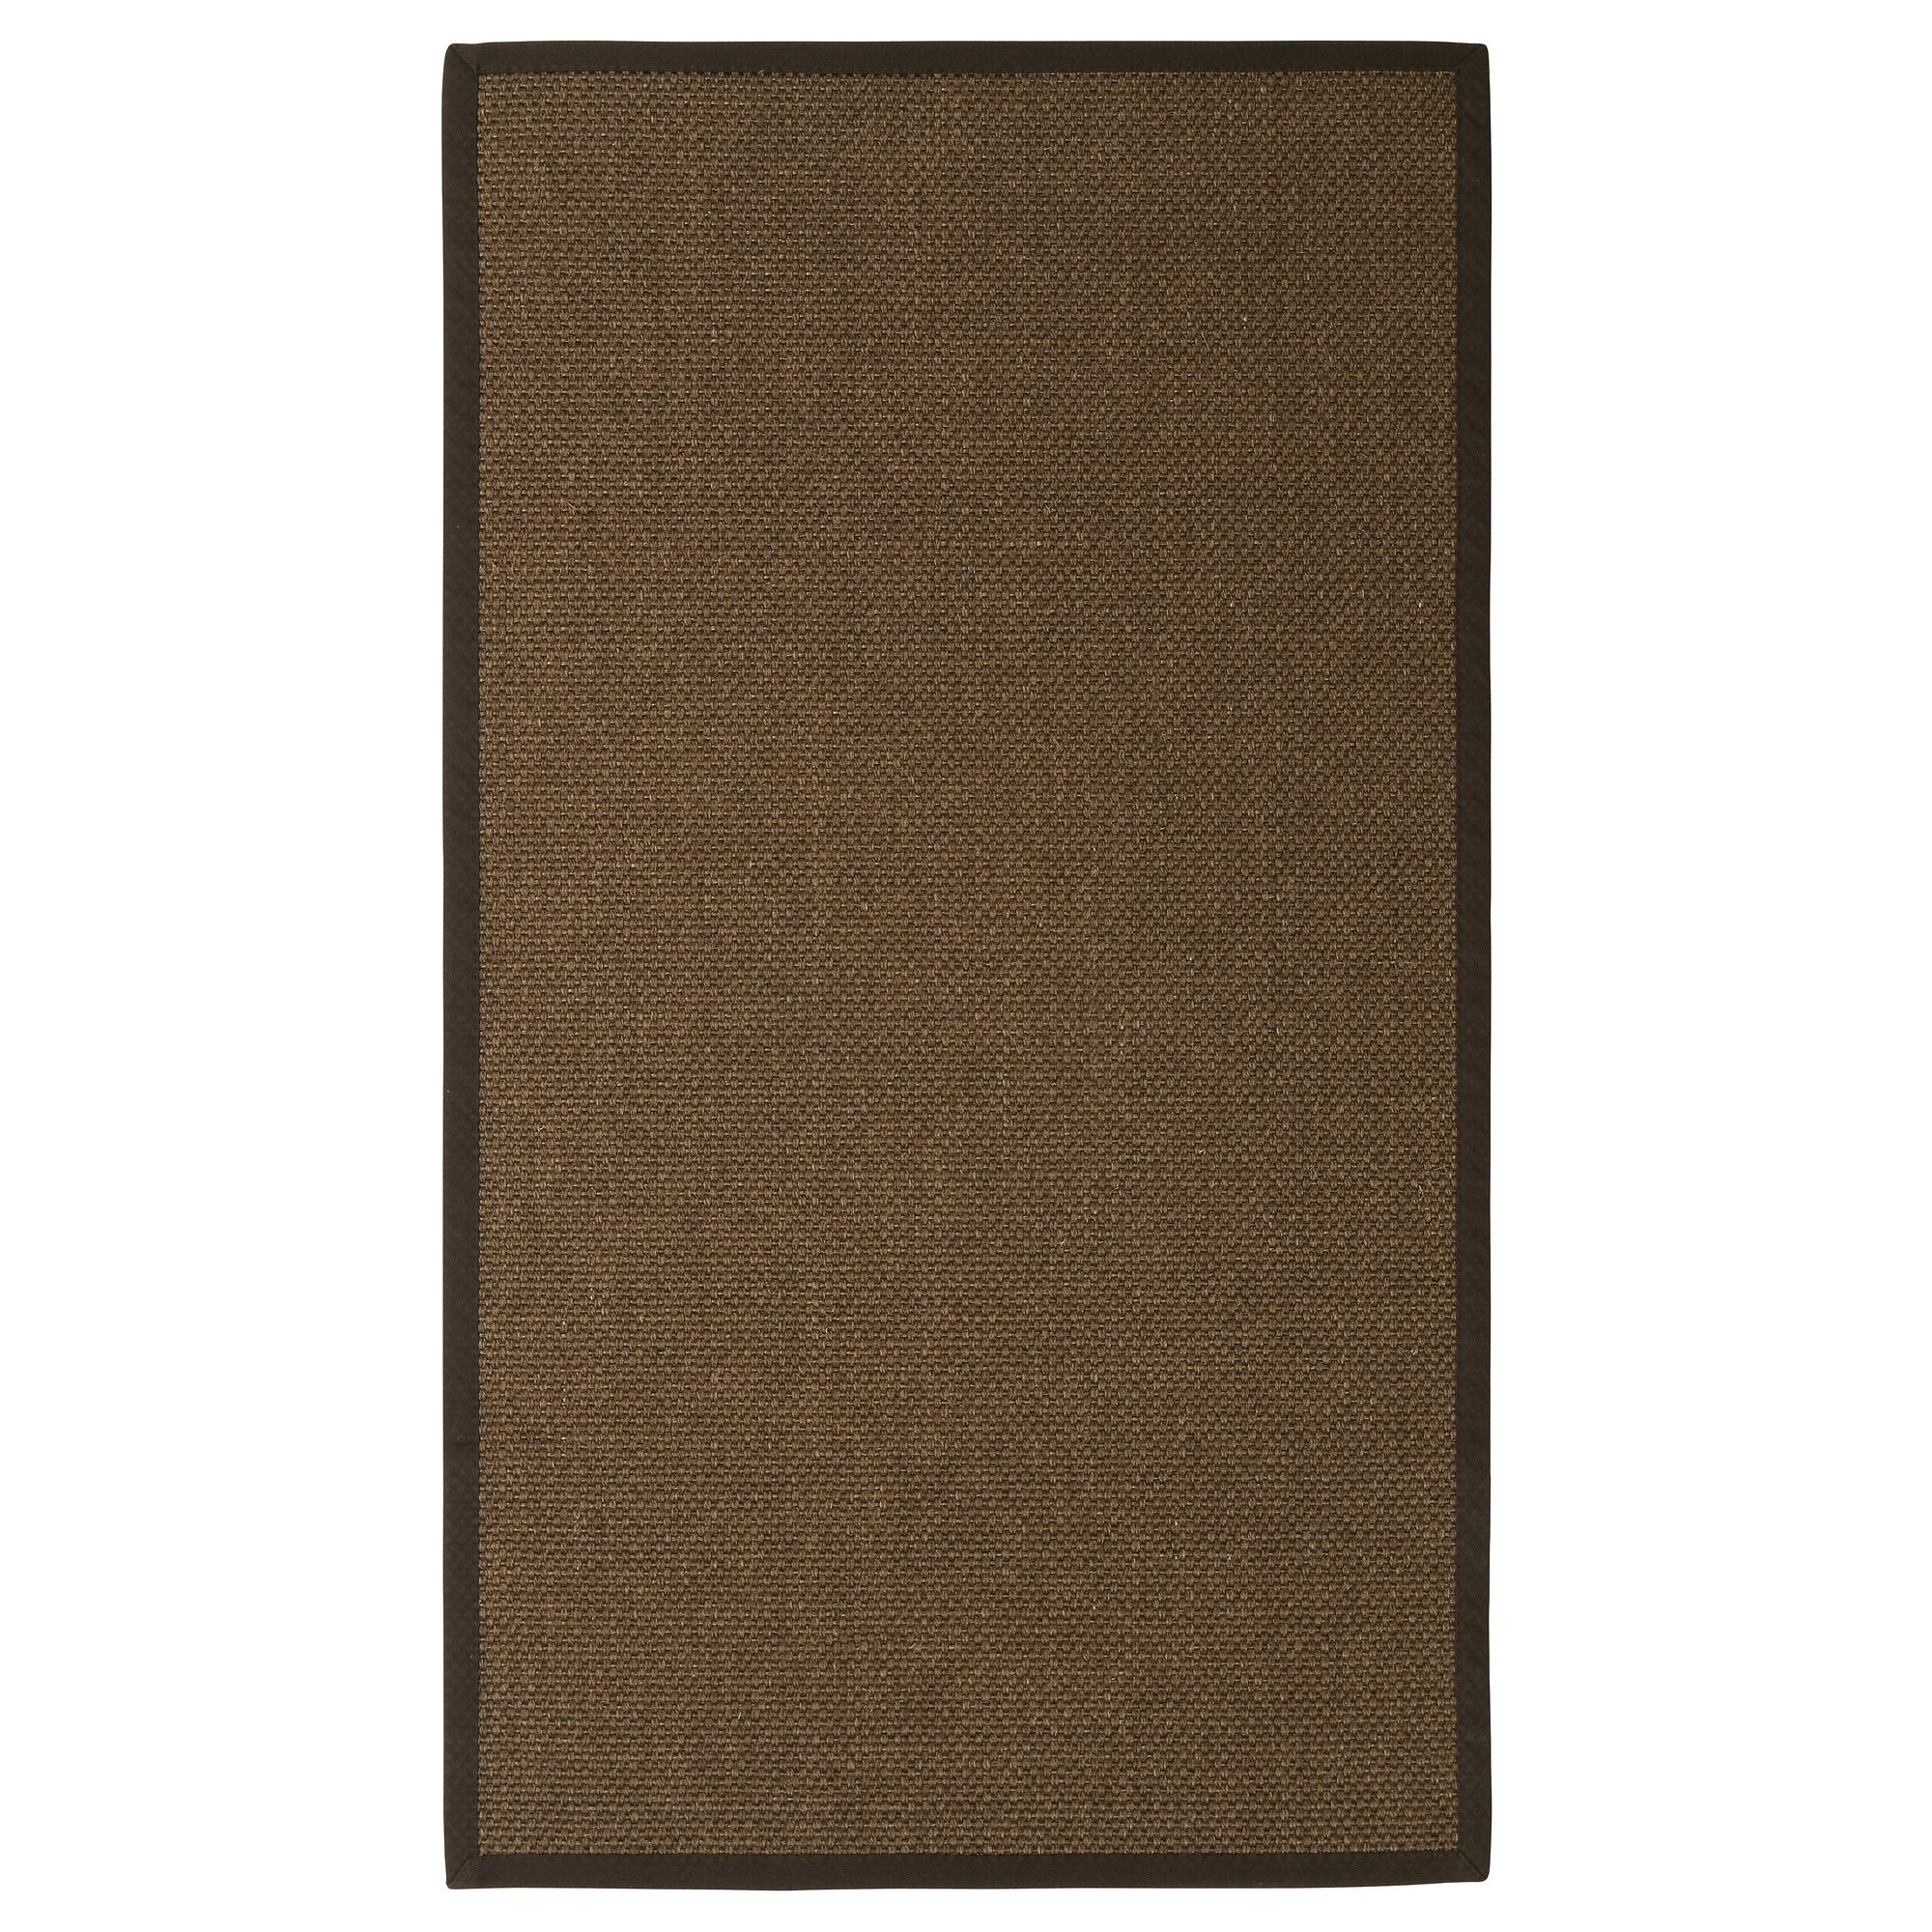 Ikea mallorca detalles producto for Alfombras exterior ikea